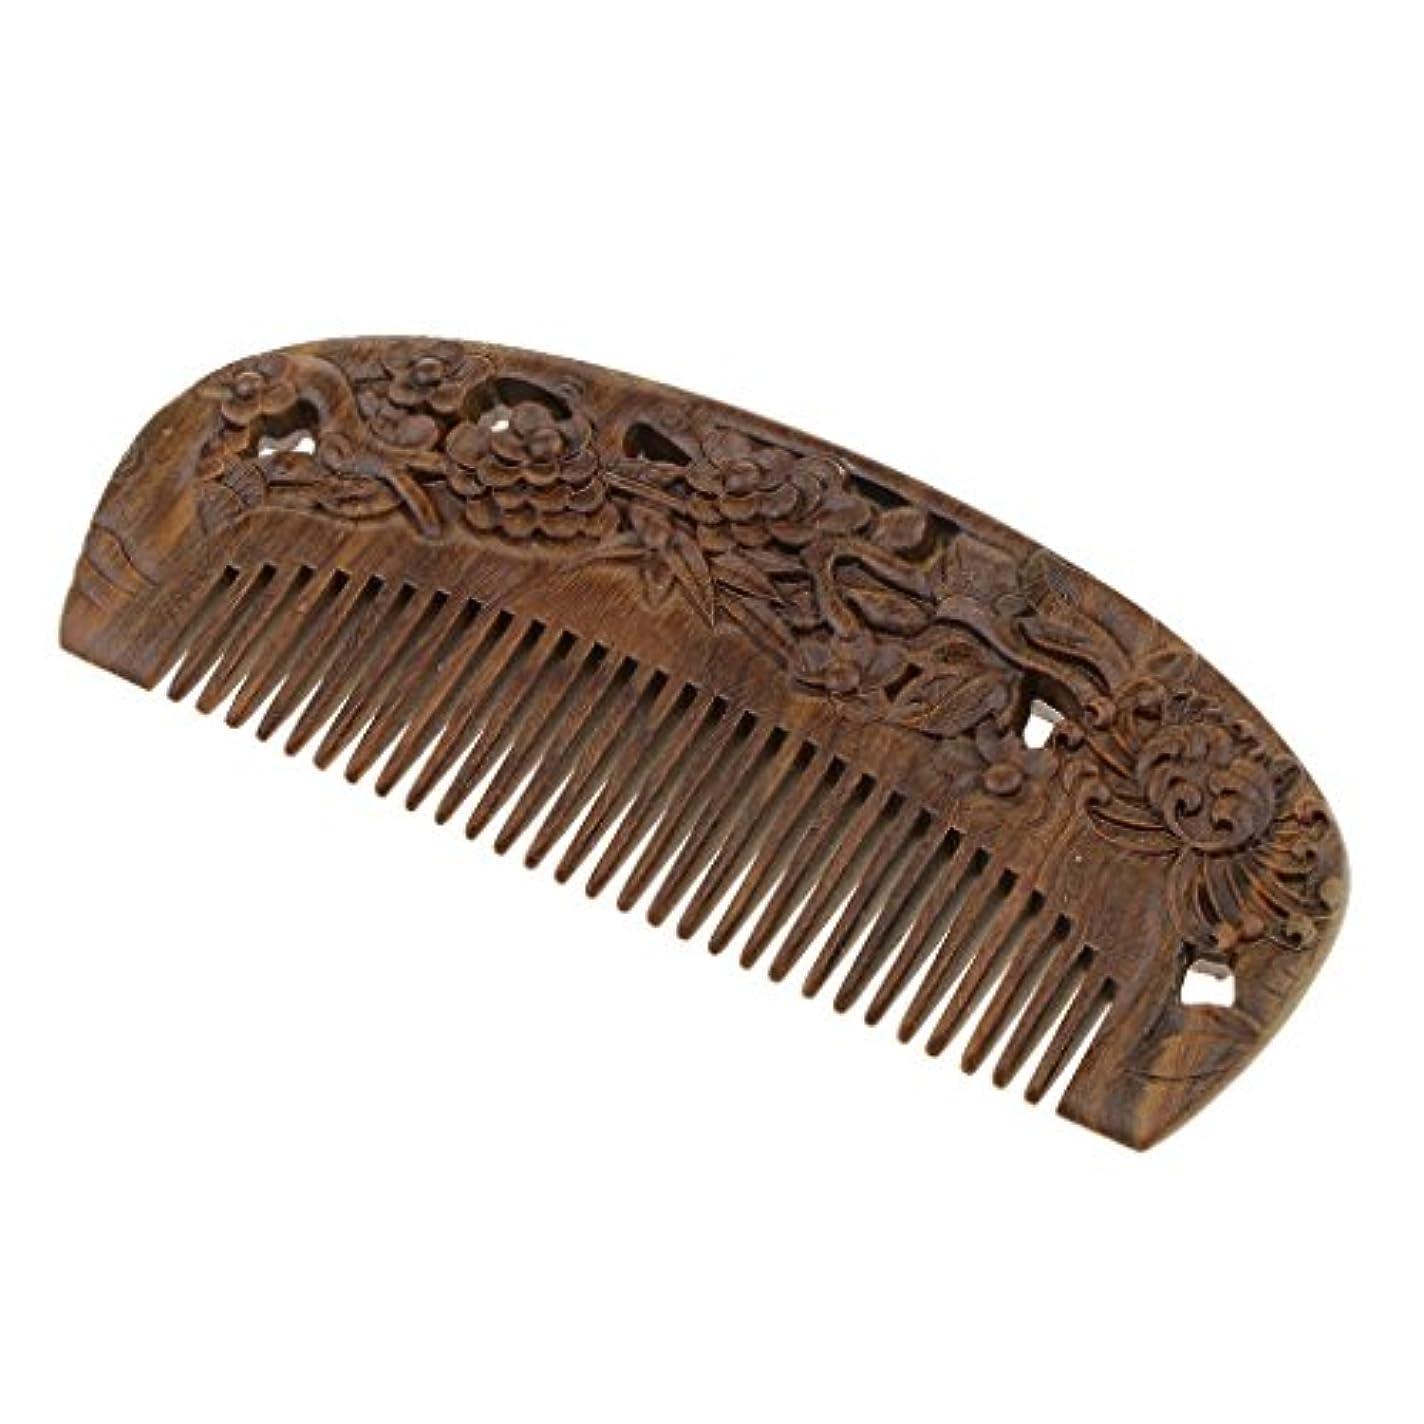 ぼろいじめっ子できた木製櫛 頭皮マッサージ 櫛 ワイド歯 ヘアコーム ヘアブラシ ヘアスタイリング 高品質 2タイプ選べる - #2